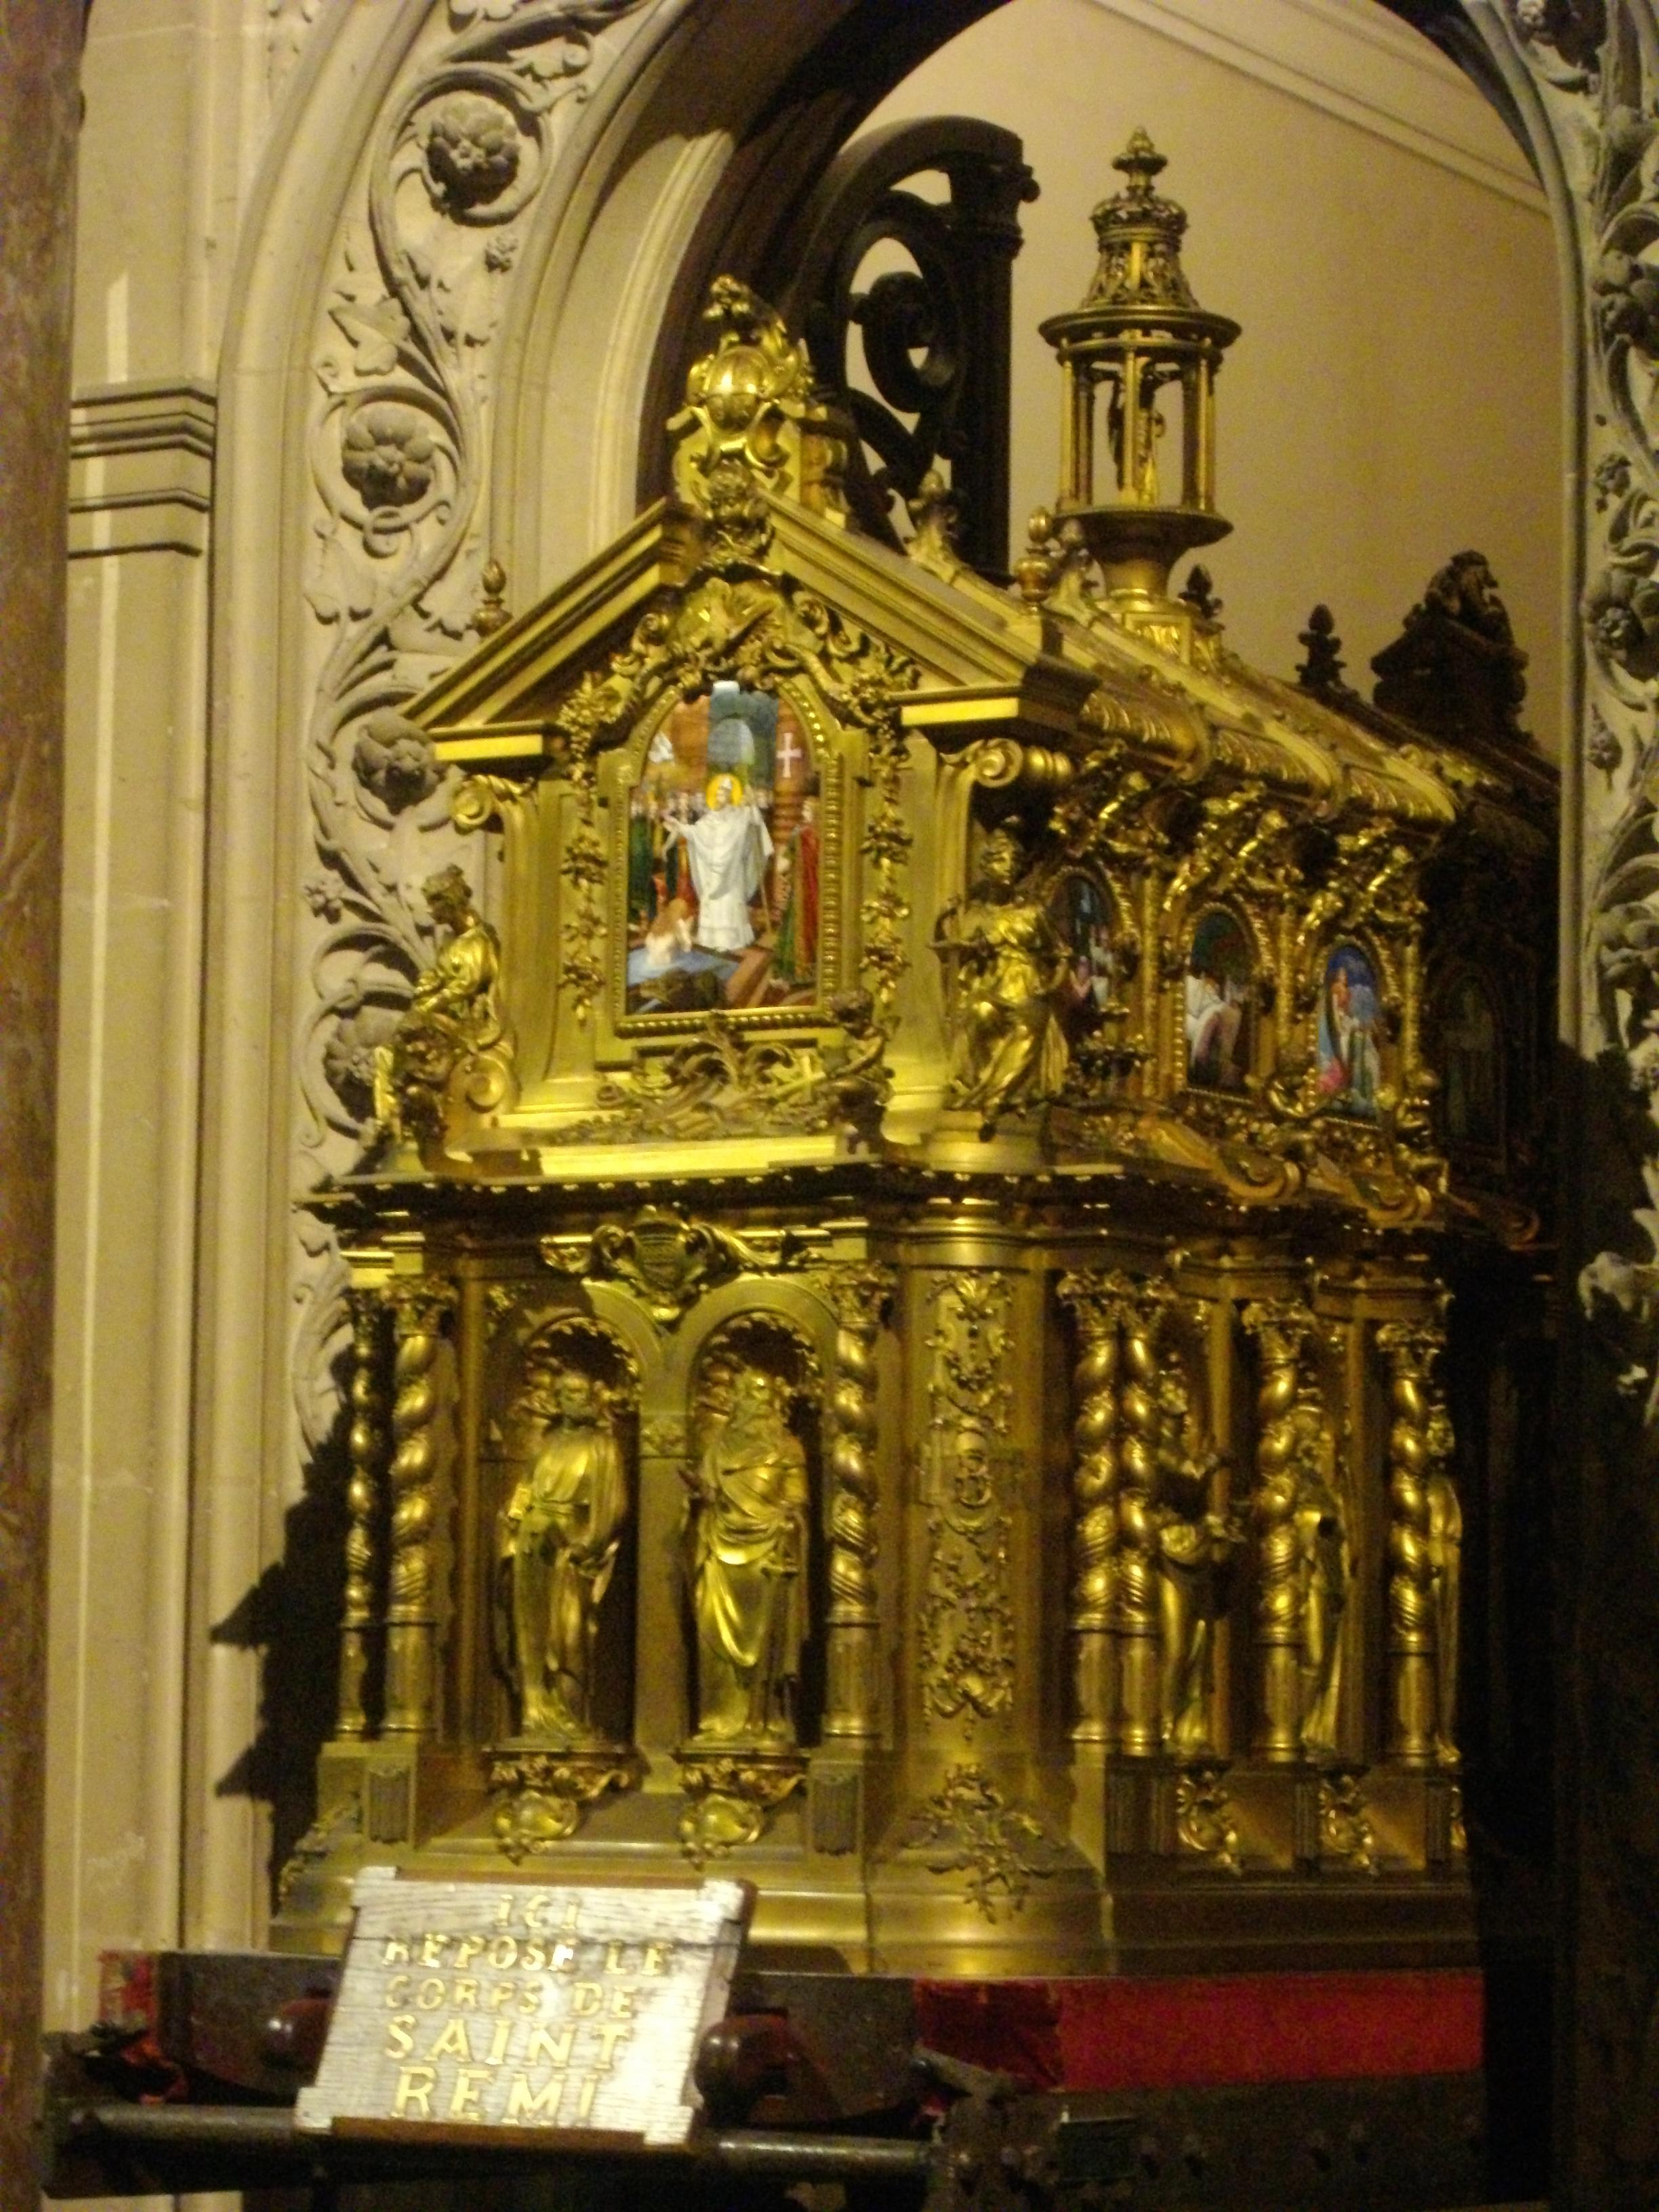 fichier reims basilique saint remi tombeau de saint r mi 01 jpg wikip dia. Black Bedroom Furniture Sets. Home Design Ideas